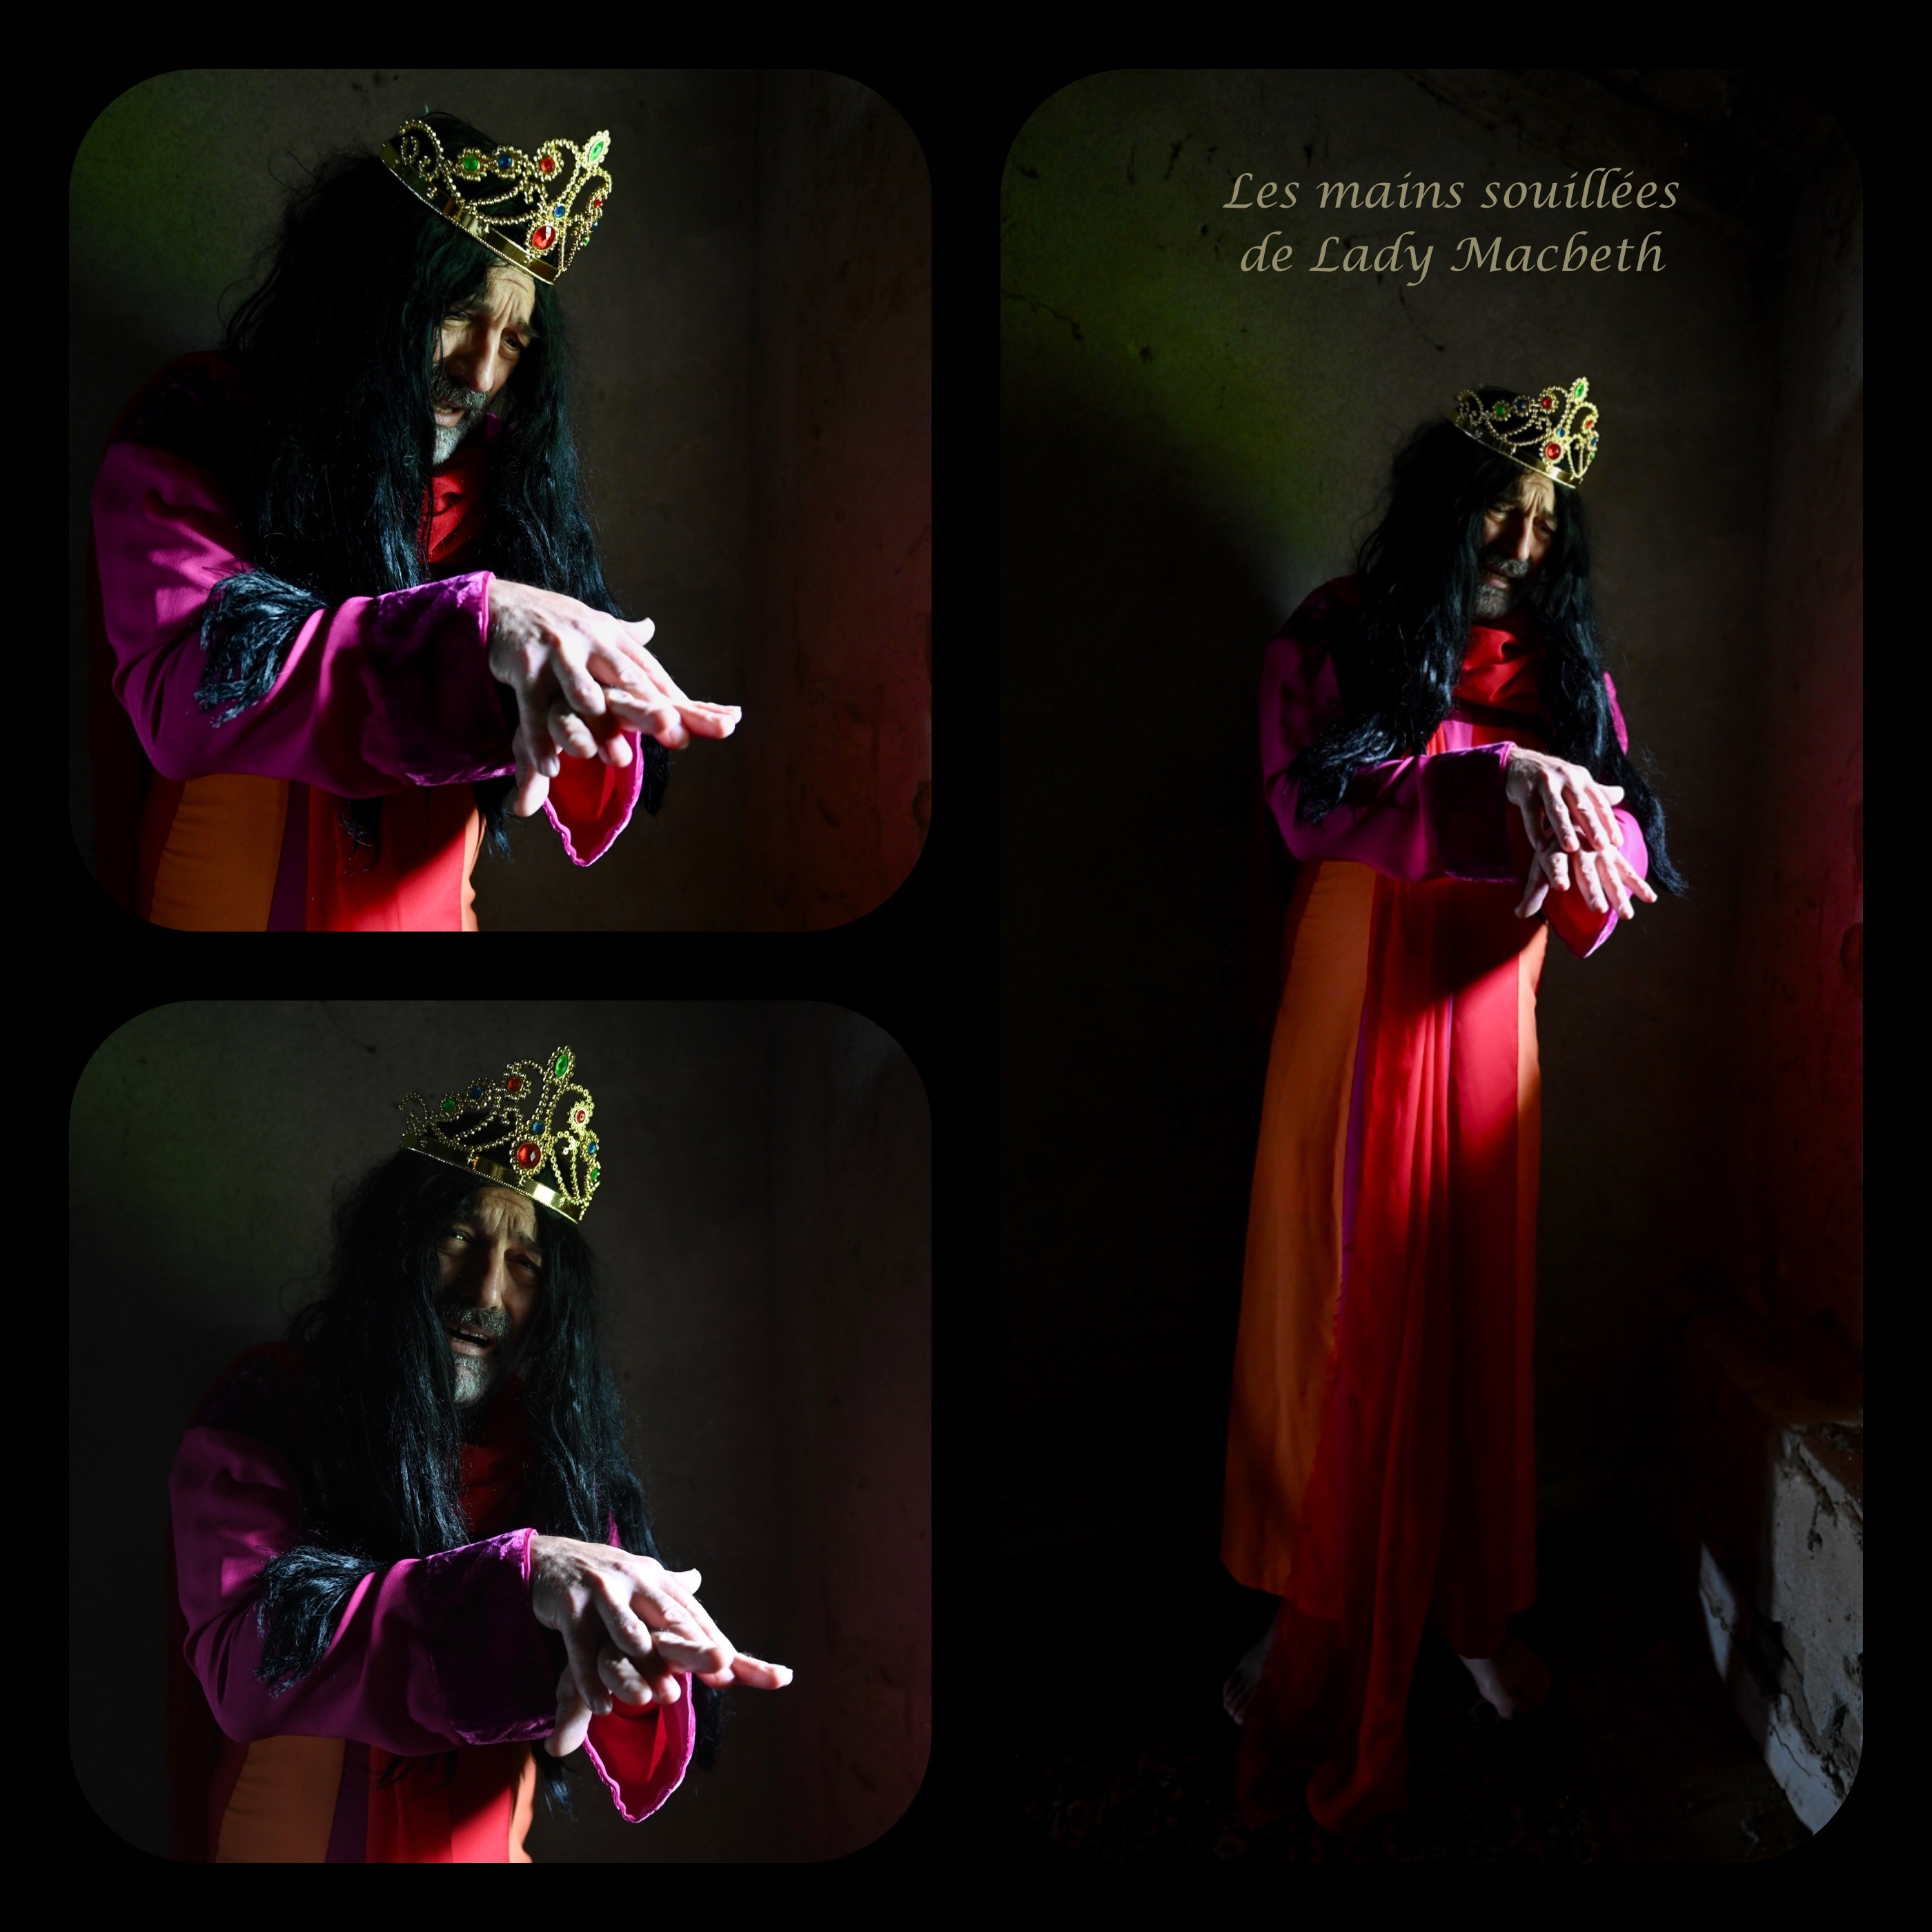 Les mains souille es de lady macbeth